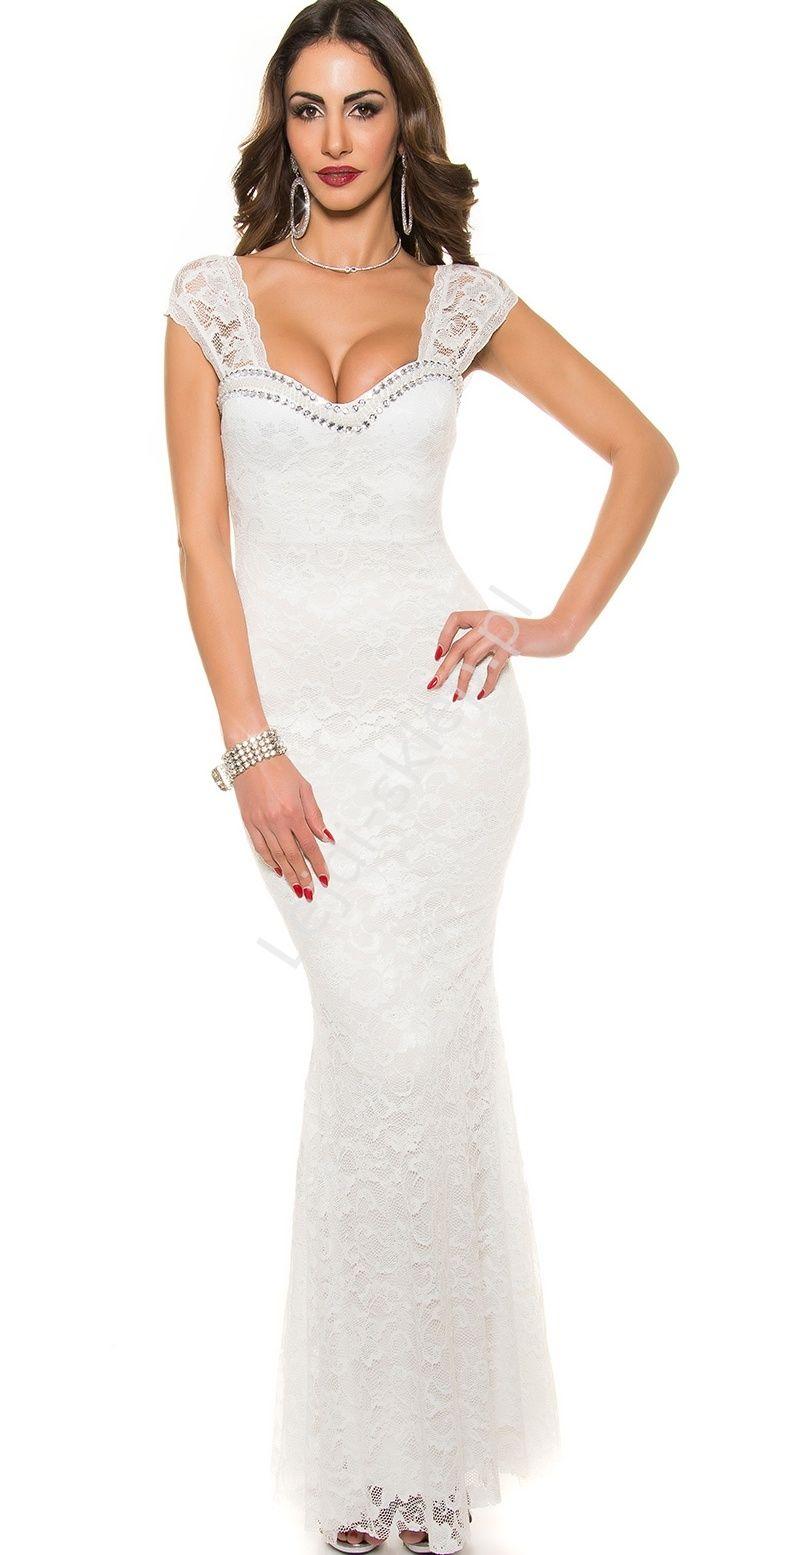 bd3f4e0c98 Biała sukienka wieczorowa z koronki